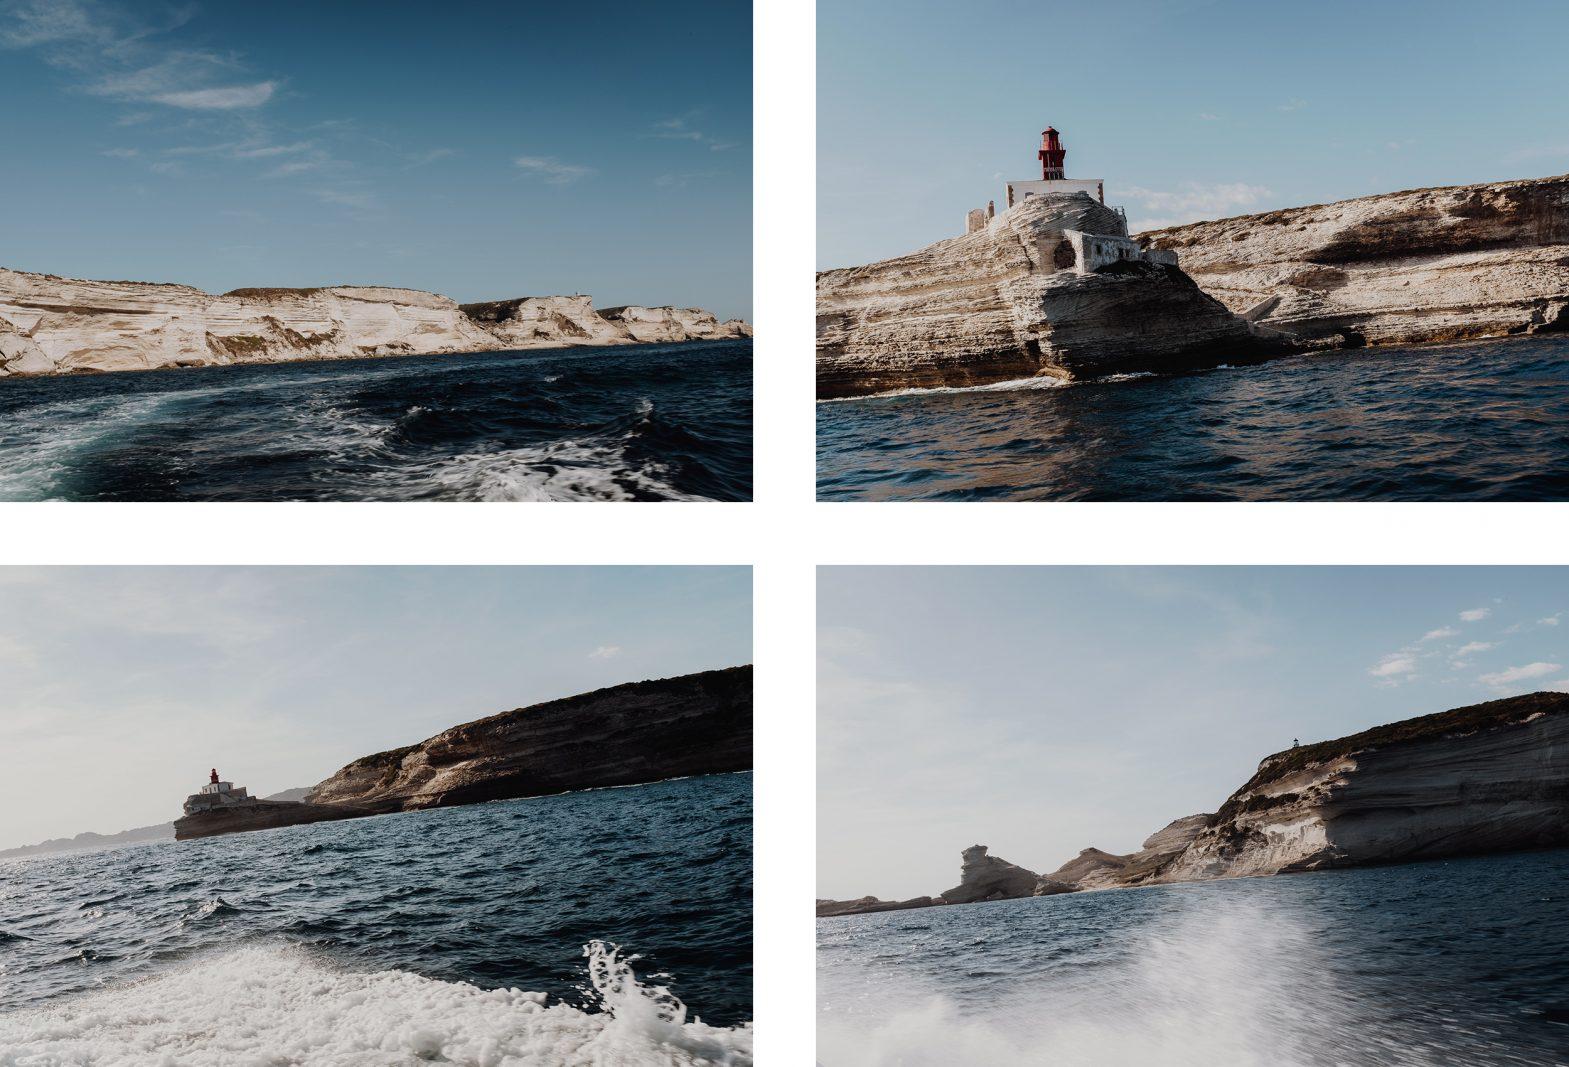 Balade en mer avec la Société des promenades en mer de Bonifacio. Îles Lavezzi, L'oeil de Noémie photographe et blogueuse voyage en Corse